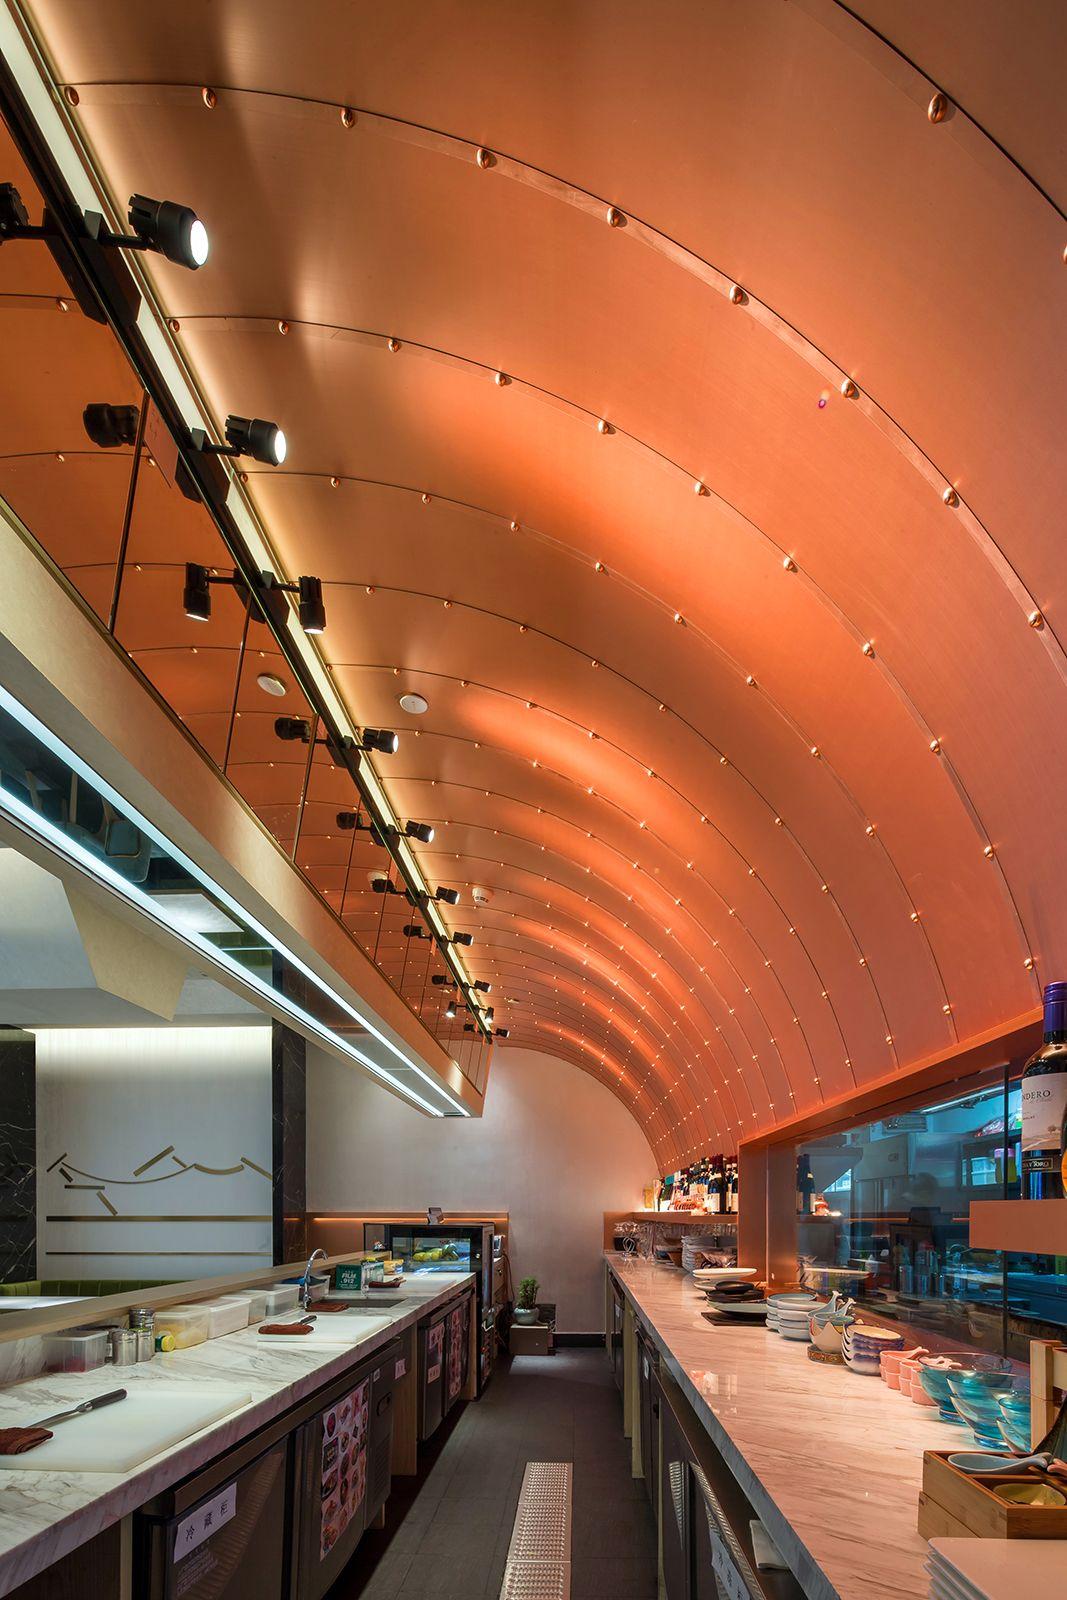 山 海 天 青缇新日式料理餐厅设计6915447 sydney opera house opera house building